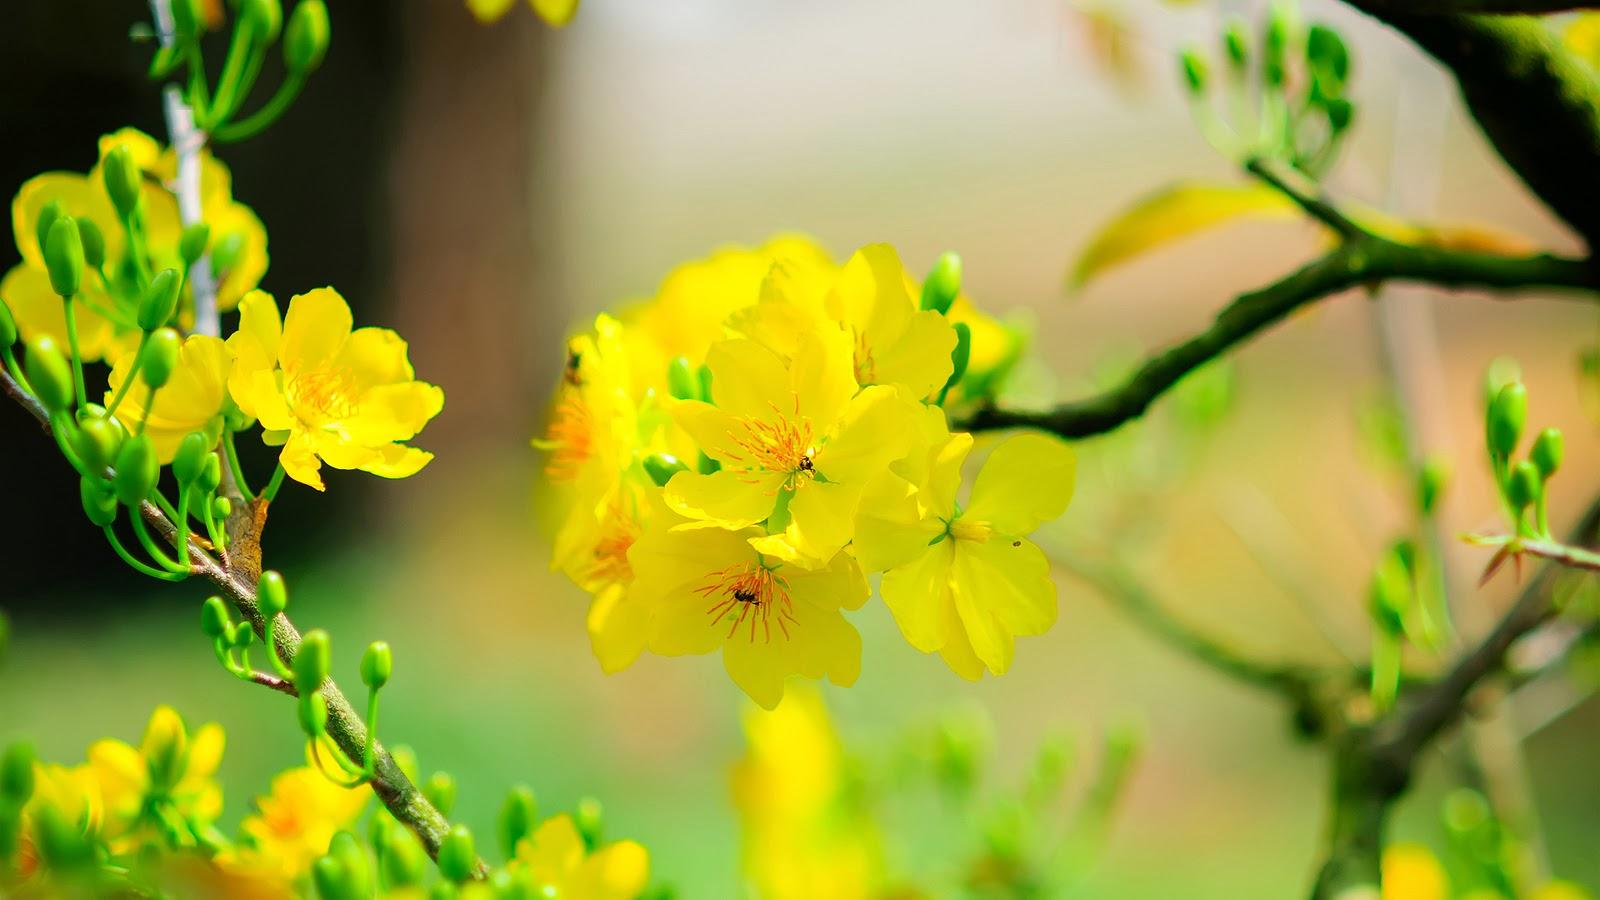 Hoa-hoa-nở-đẹp-tết-2016-1